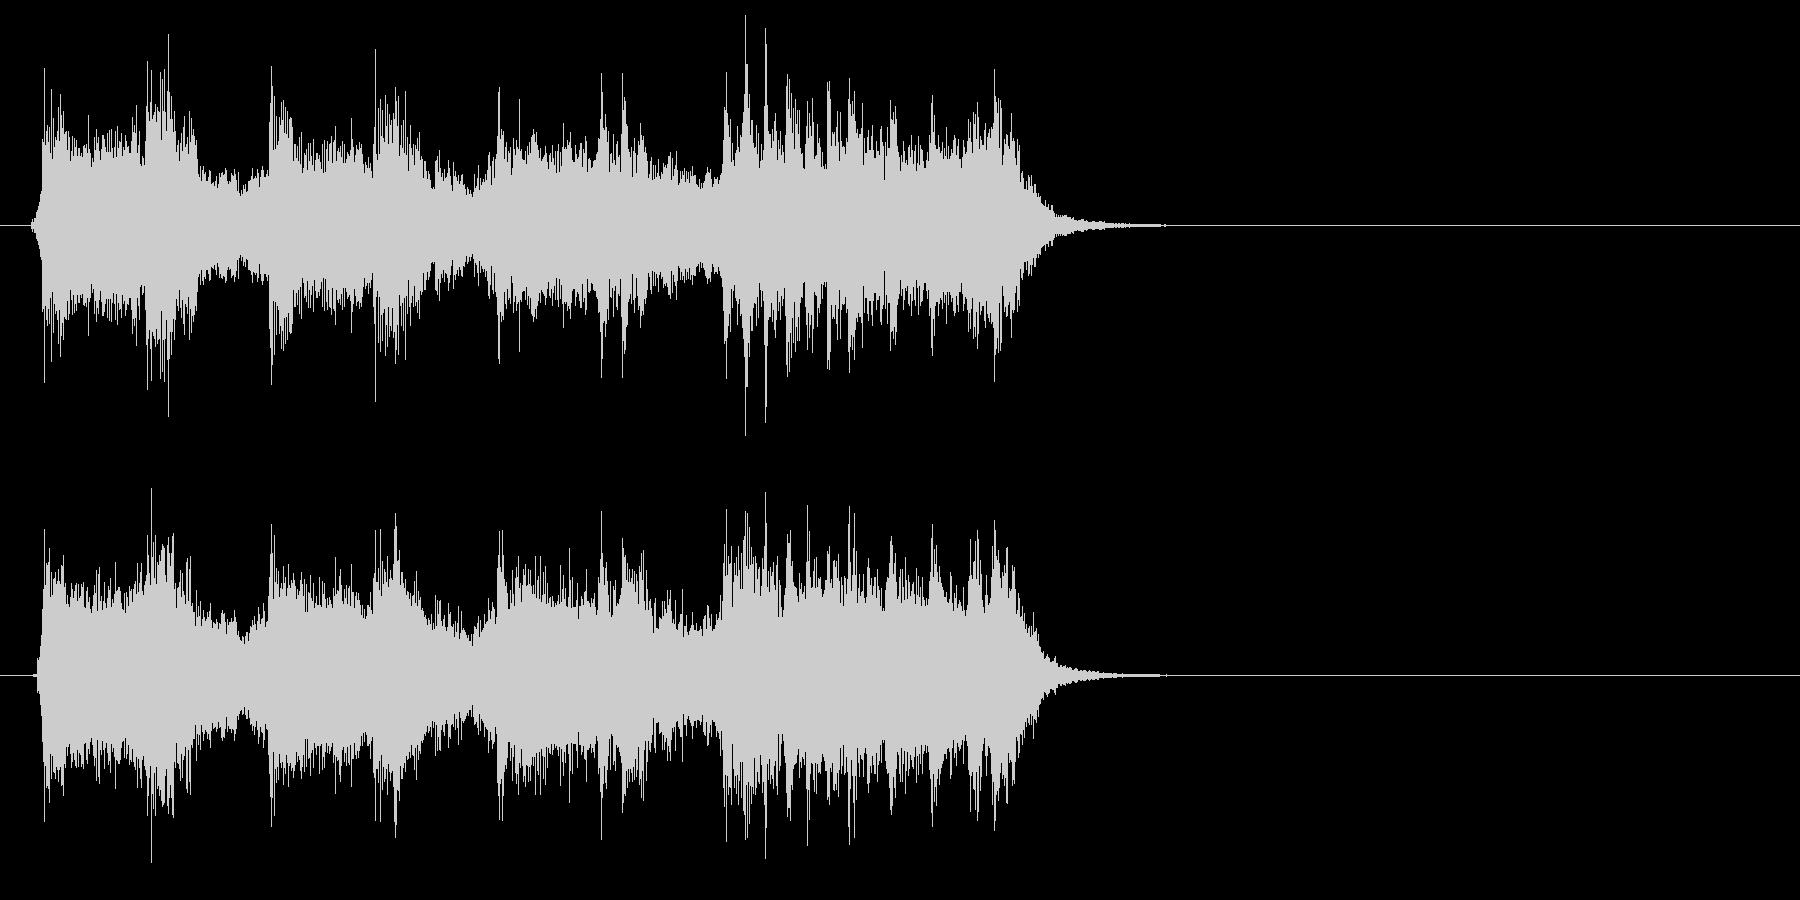 ロック、ヘヴィメタル系ジングルの未再生の波形